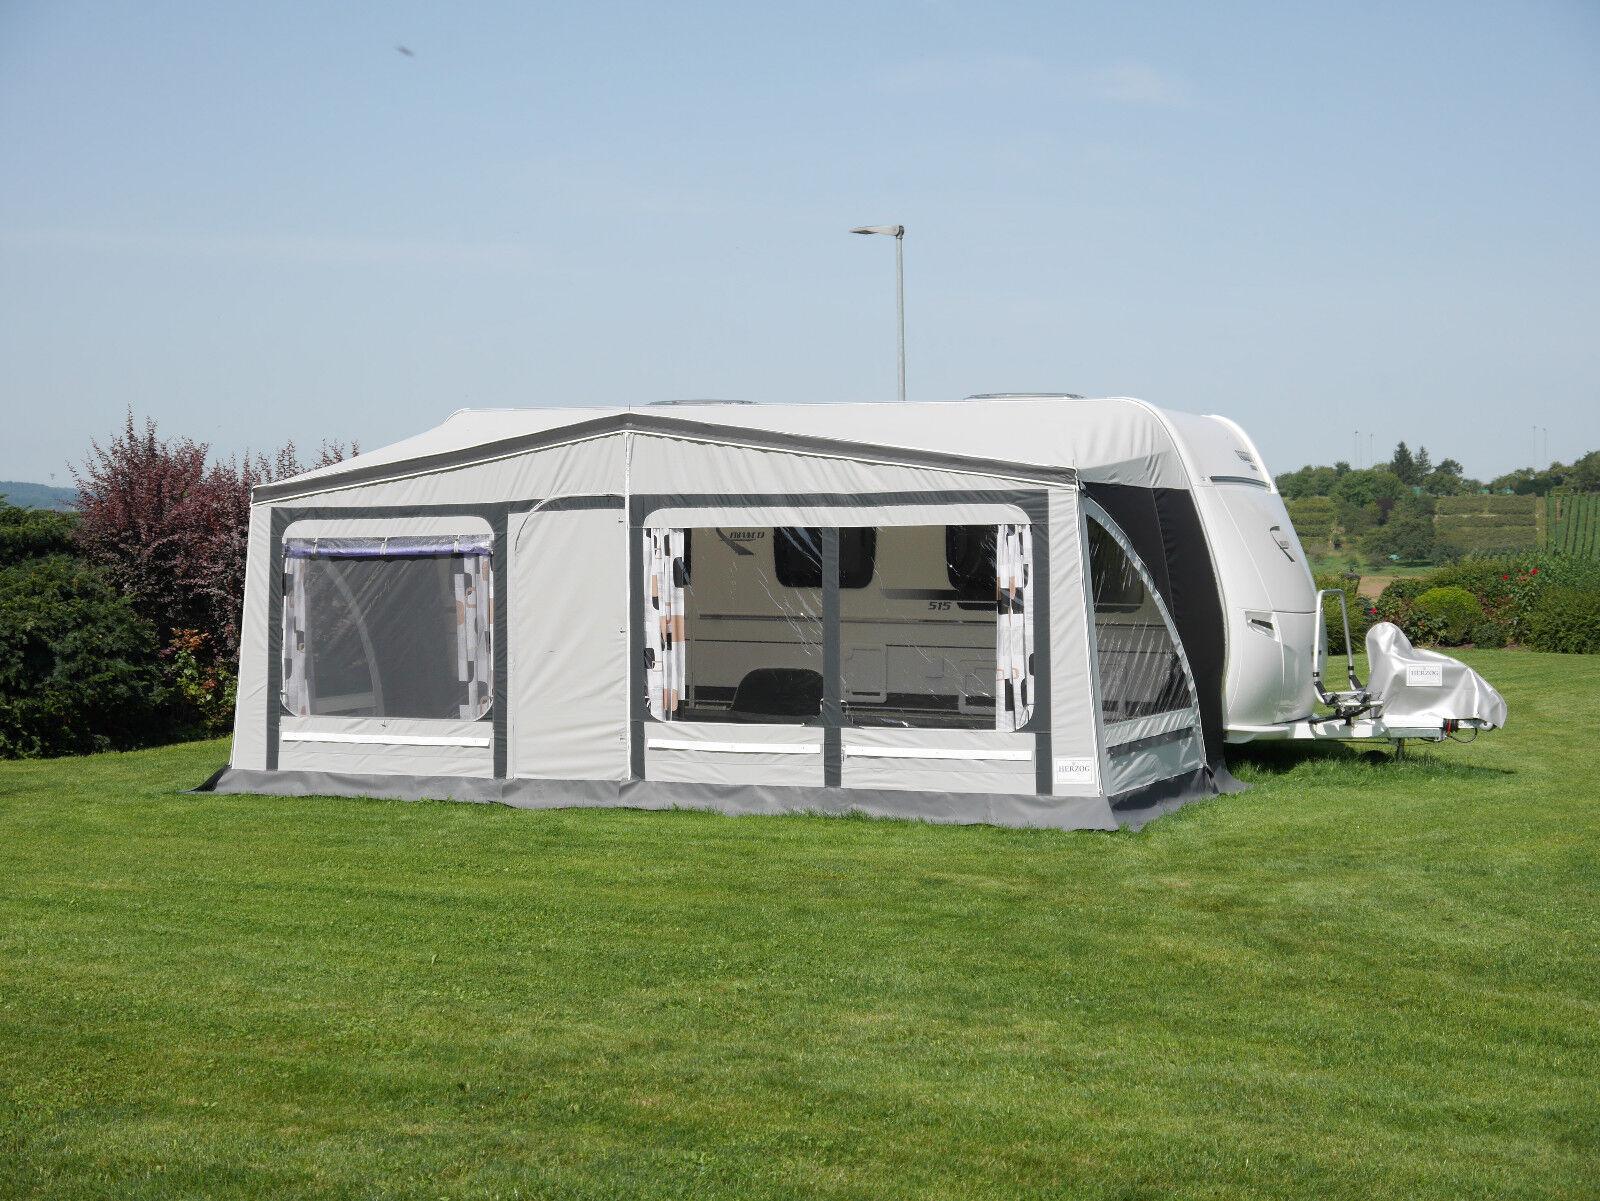 Vorzelt Wohnwagen Reisezelt Zelt Camping ELBA mit Gr. Alugestänge Gr. mit 09 991-1030cm 6bbdb9